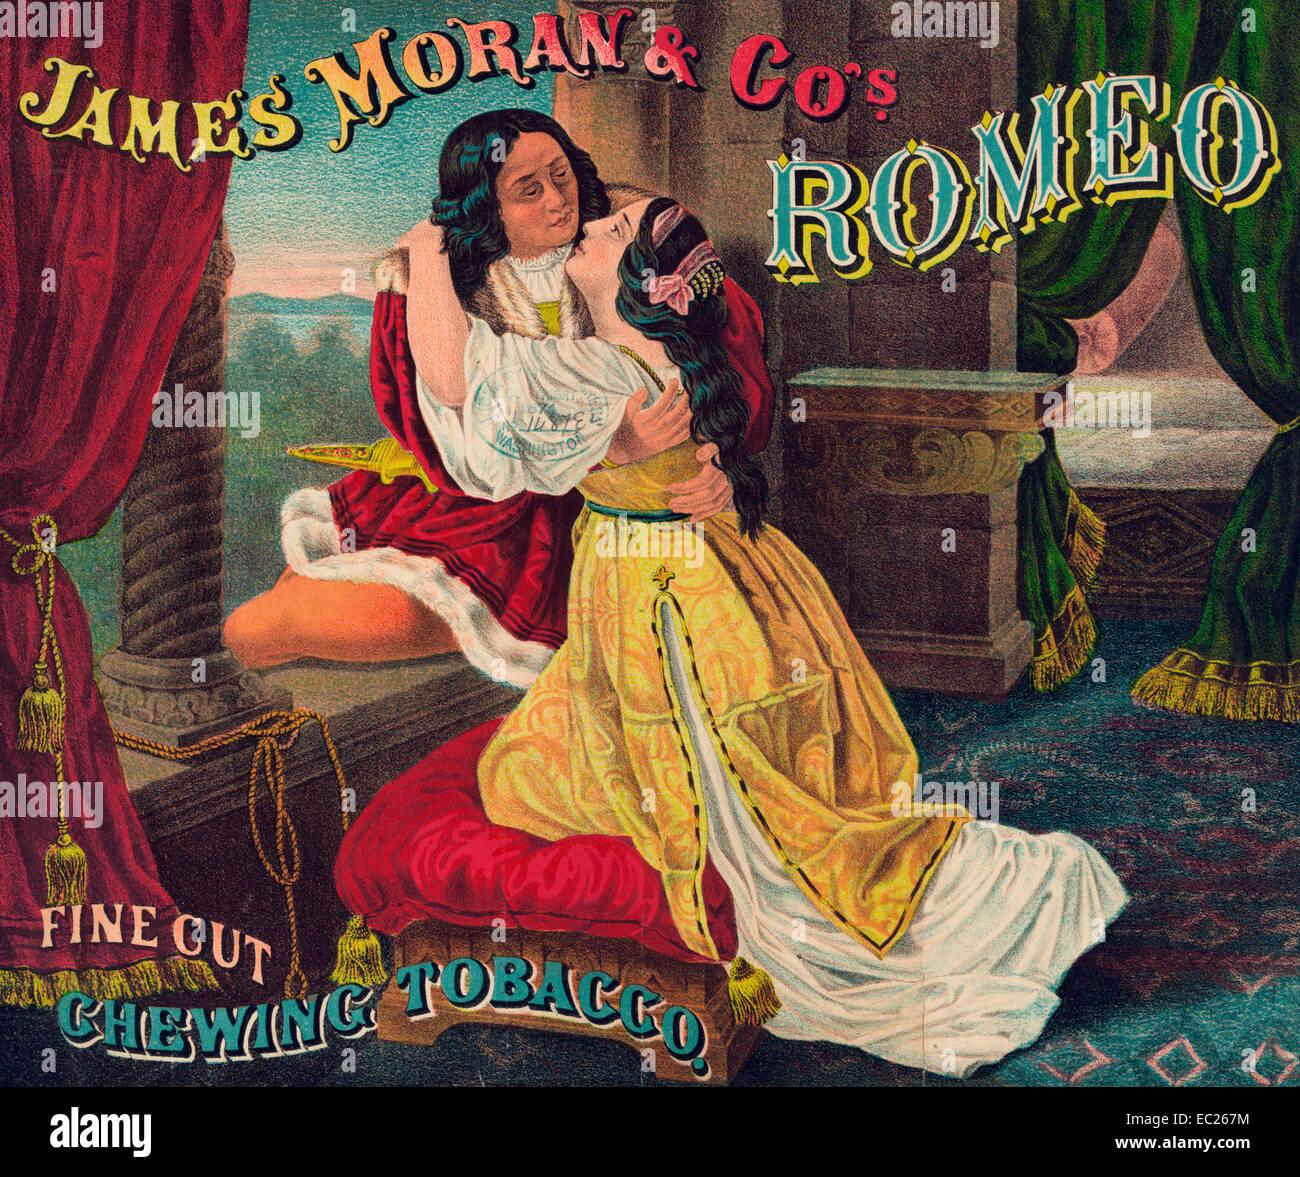 James Moran & Co. Romeo, Feinschnitt, Kautabak - Zusammenfassung: Tabak-Paket-Label zeigen, Romeo und Julia, Stockbild